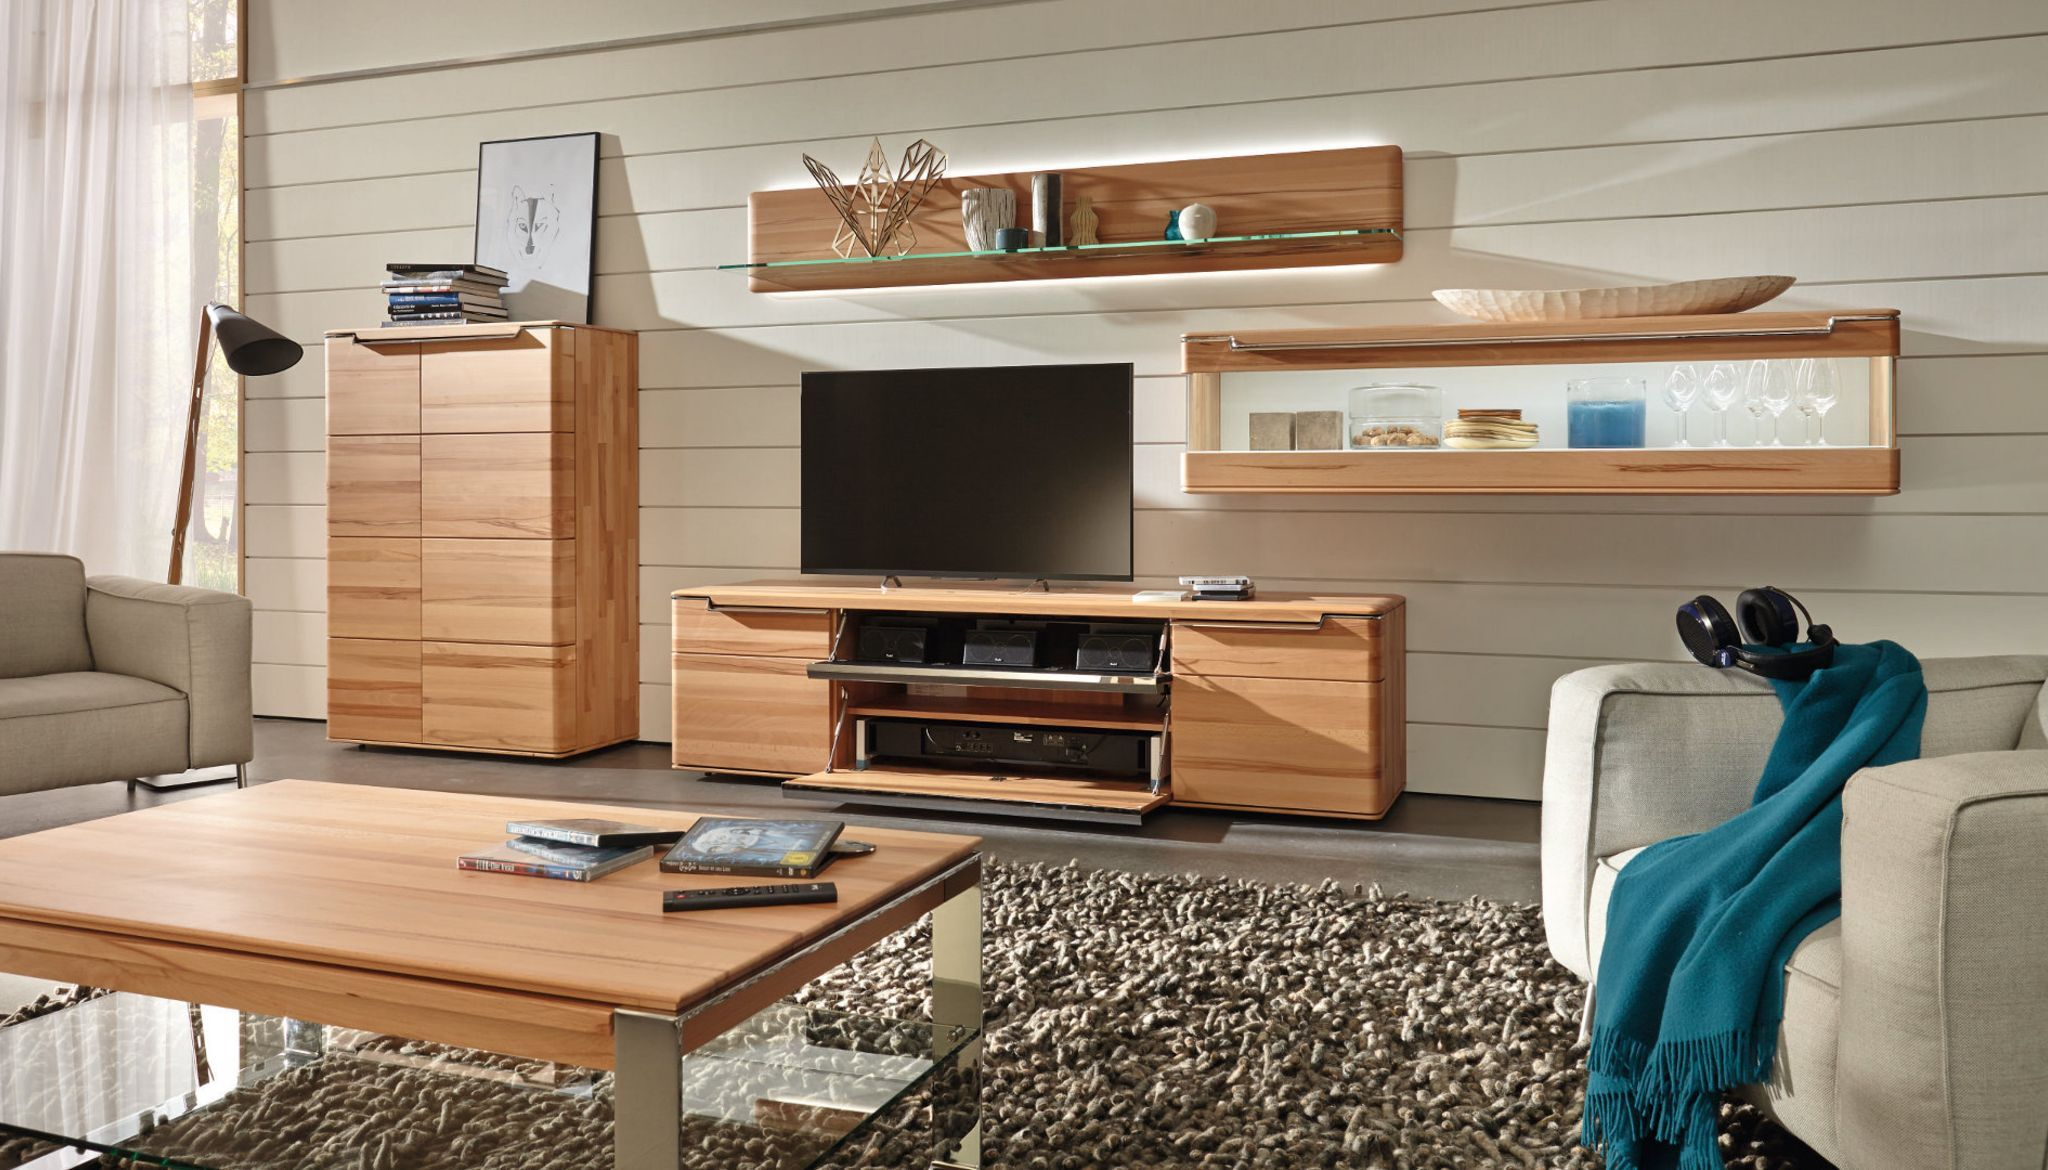 Möbel Marke living hülsta die möbelmarke interior design cosy